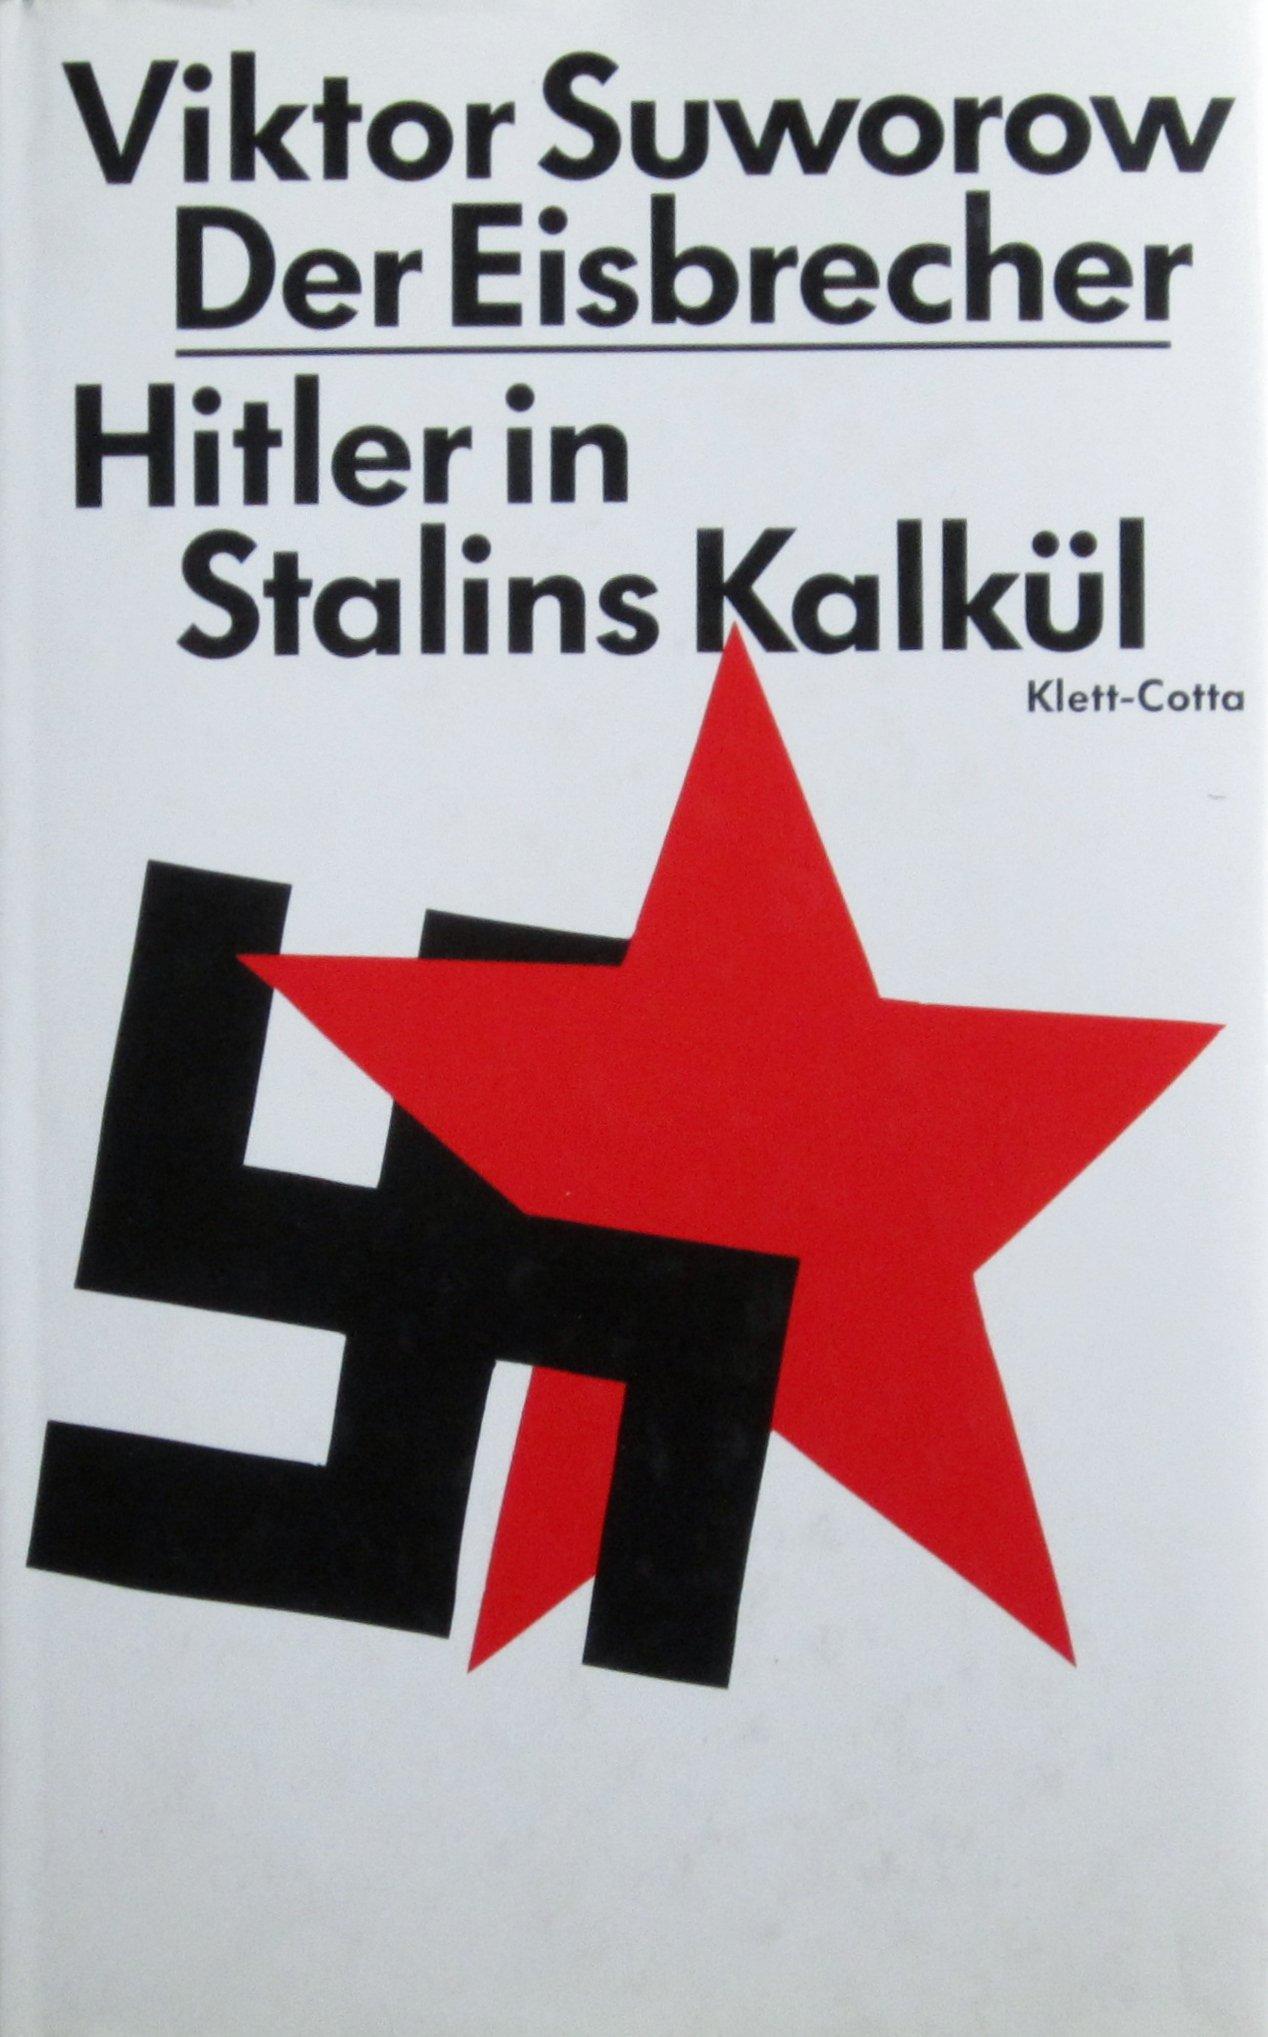 Der Eisbrecher. Hitler in Stalins Kalkül